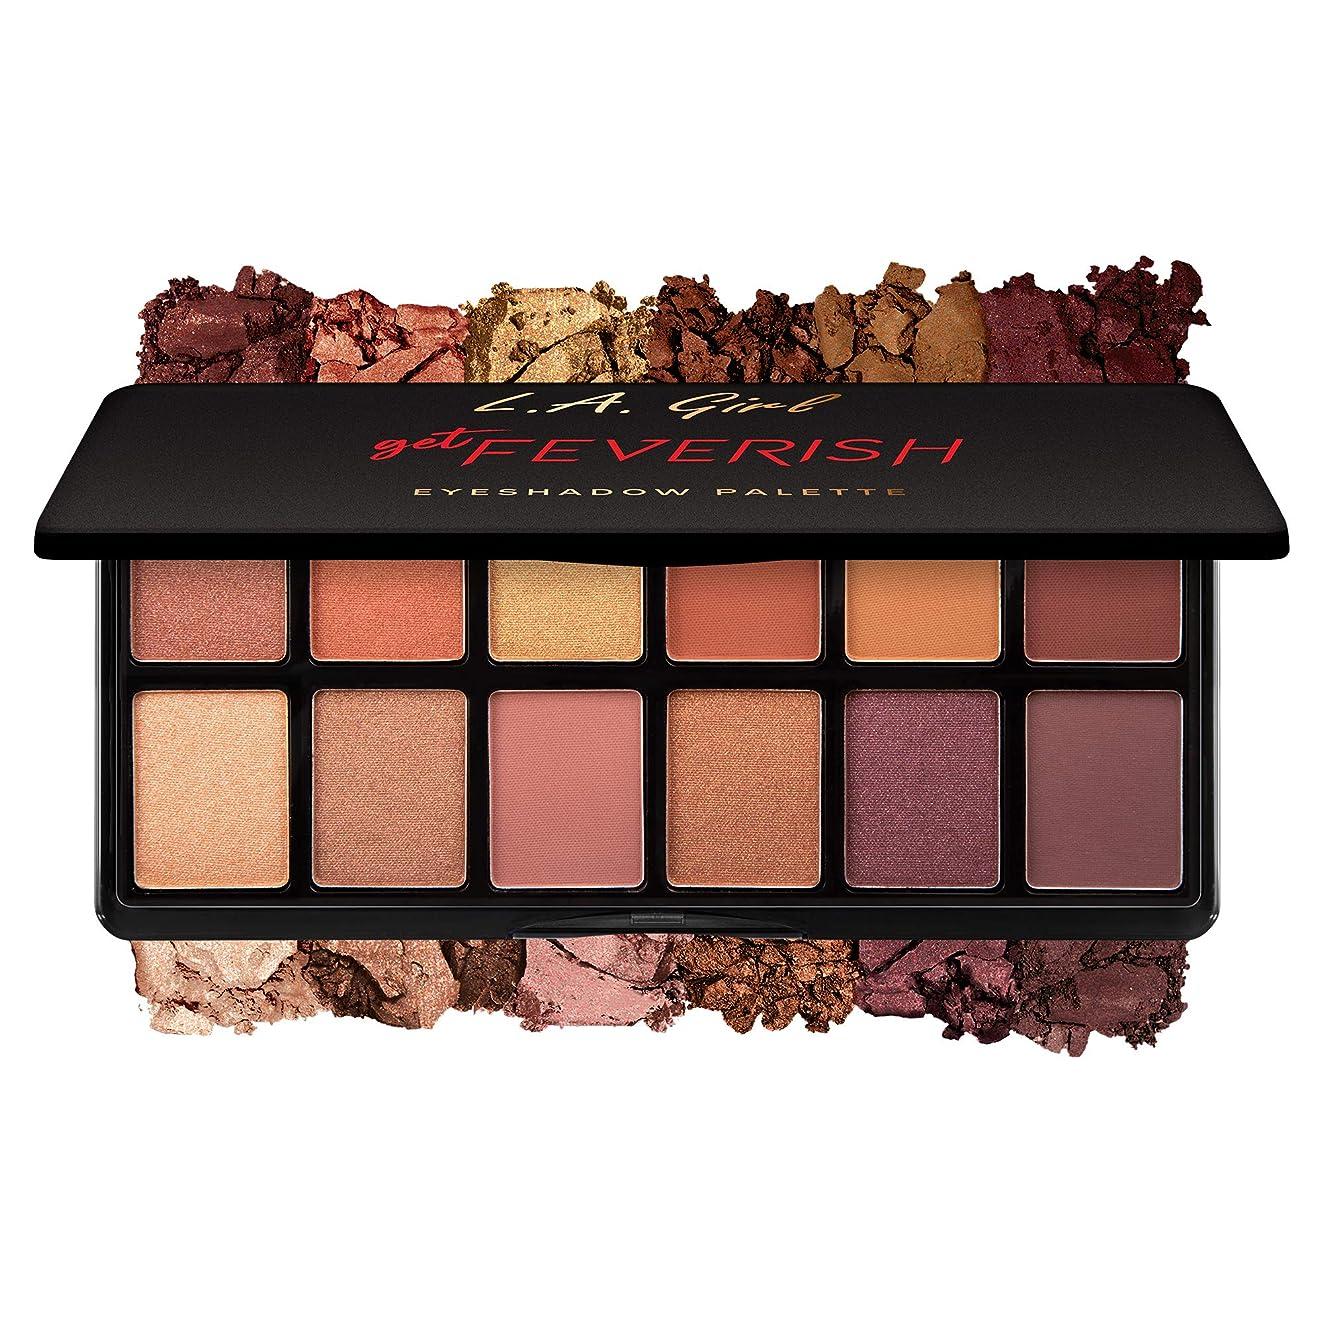 地味な支払う退屈なL.A. GIRL Fanatic Eyeshadow Palette - Get Feverish (並行輸入品)